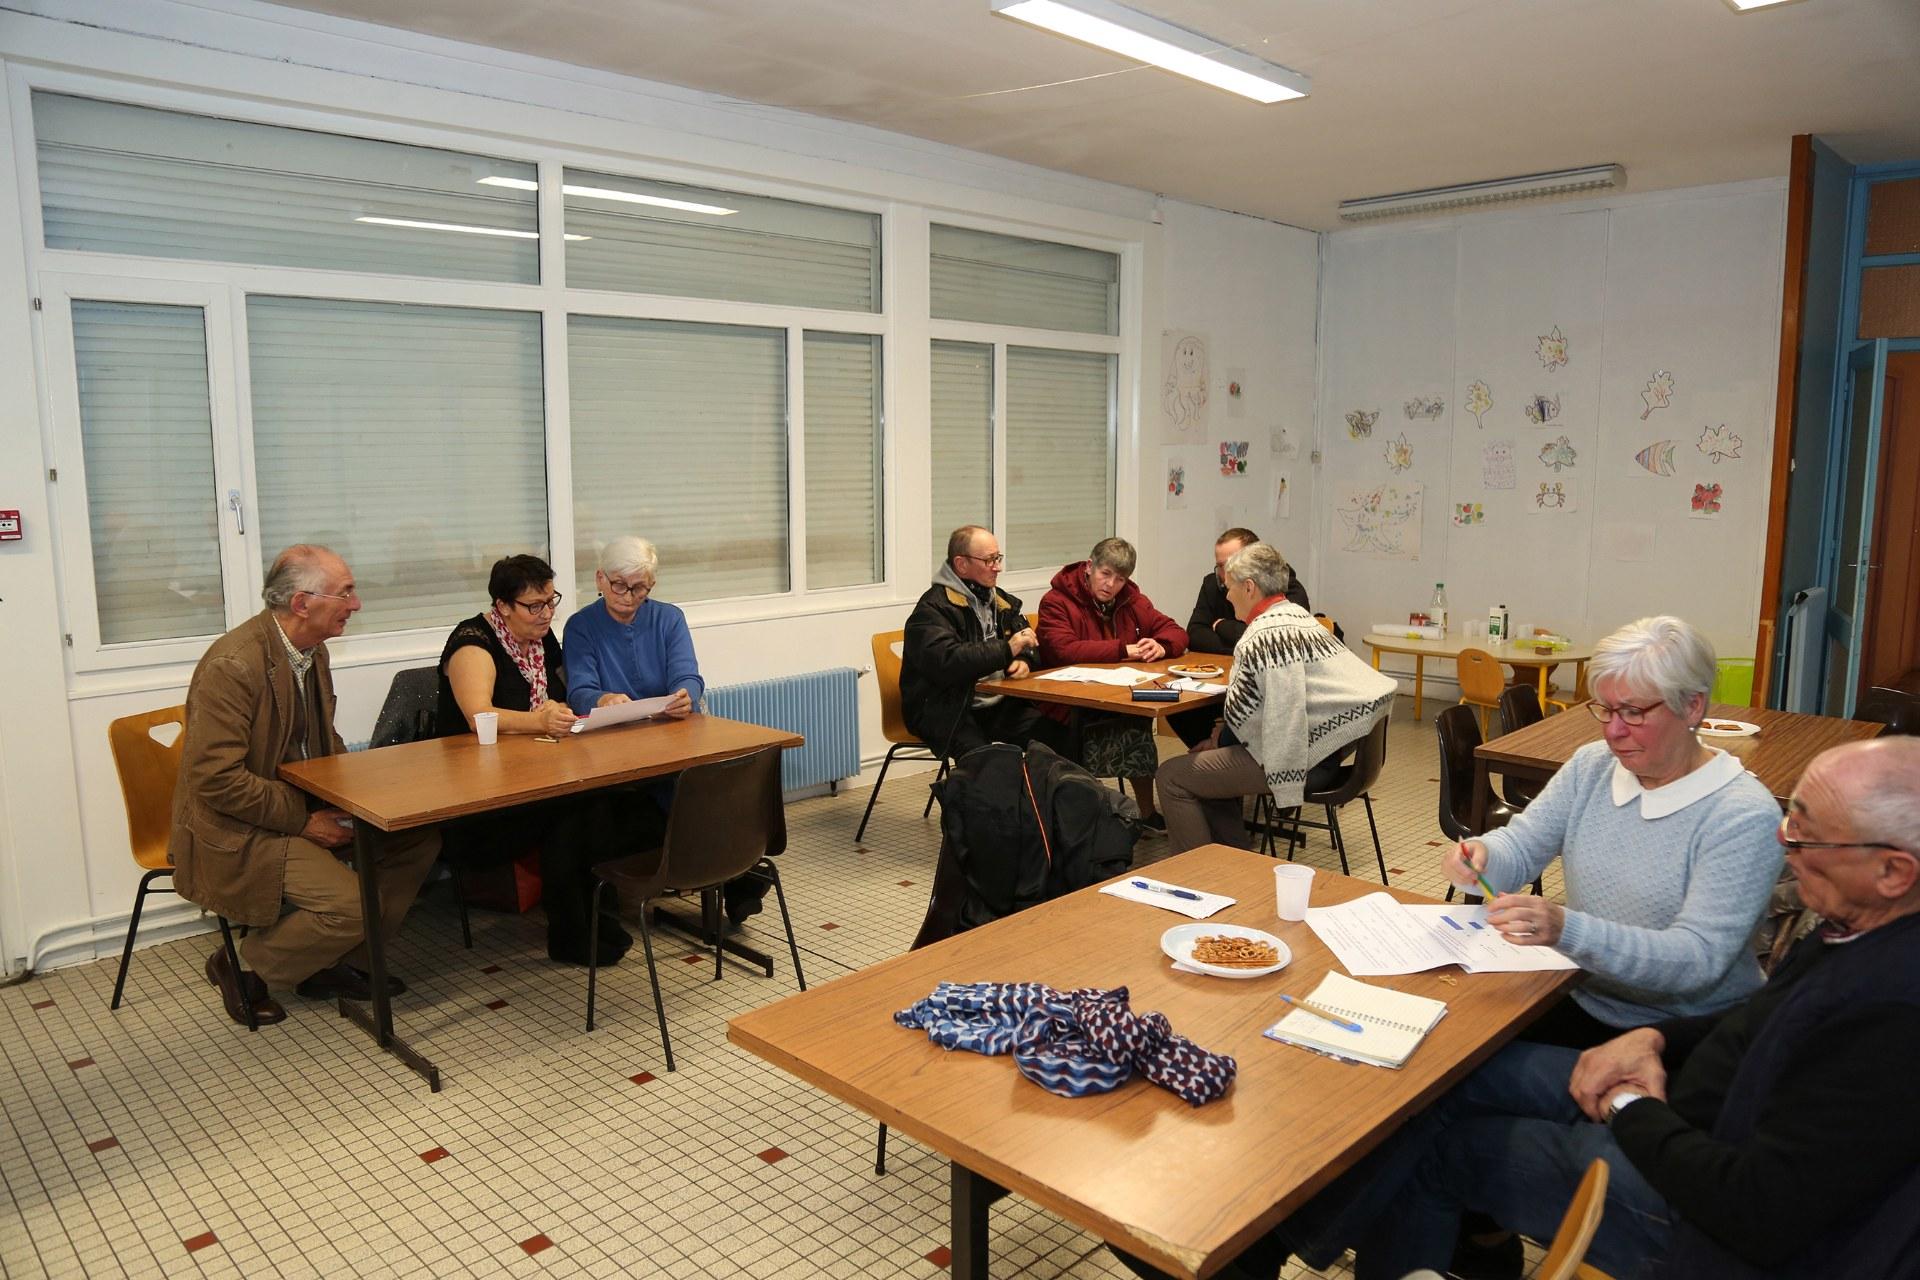 Café débat à Vieux Condé / Fresnes sur Escaut. 2